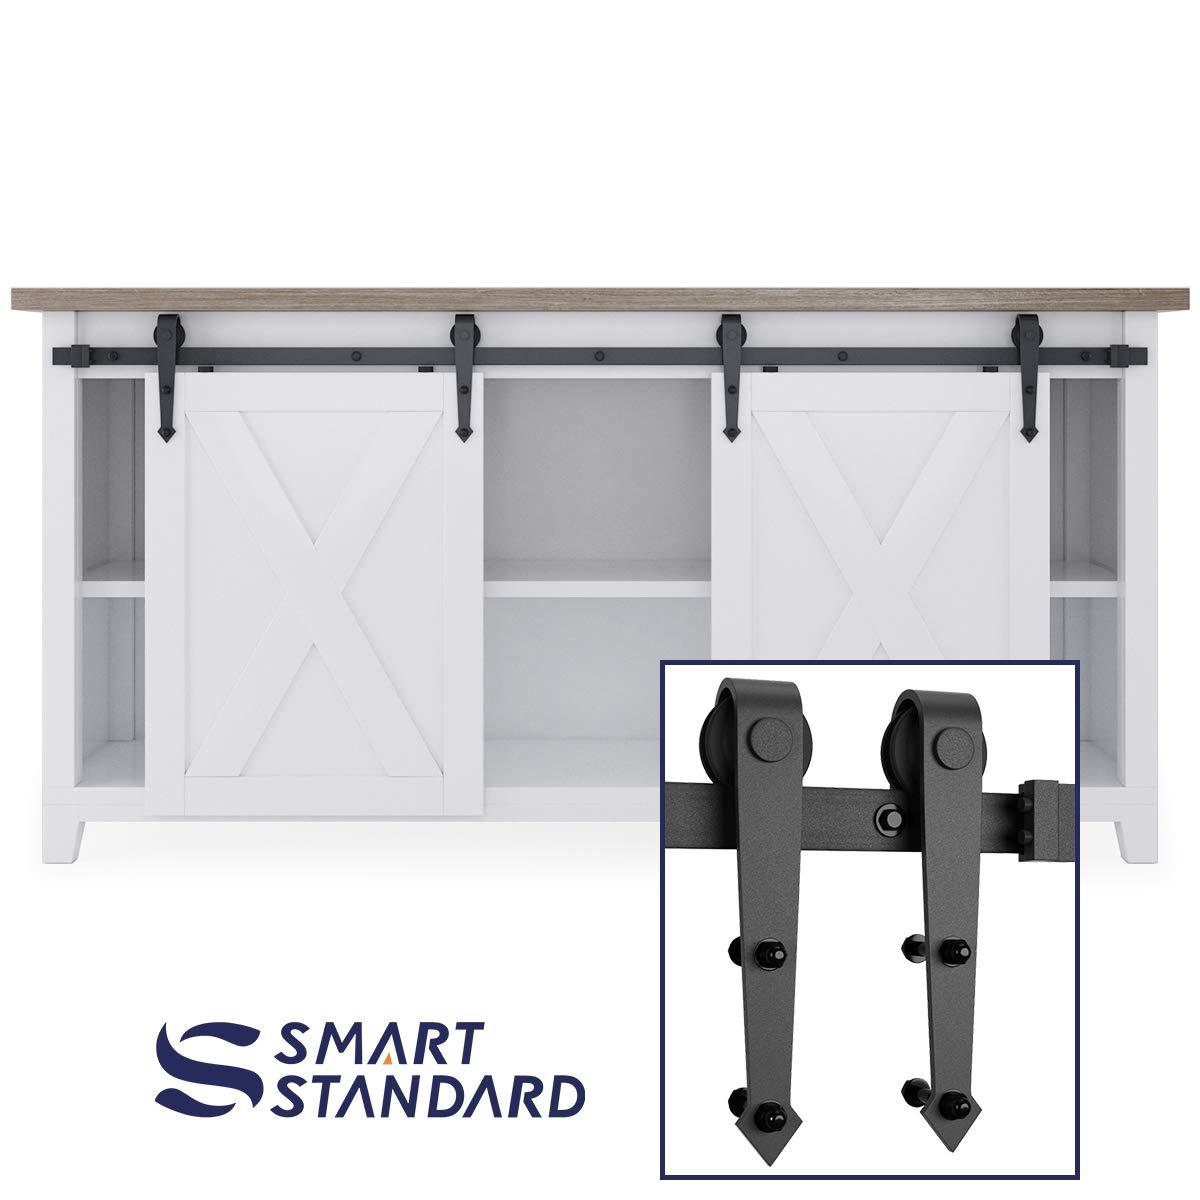 6ft Double Door Cabinet Barn Door Hardware Kit- Mini Sliding Door Hardware - for Cabinet TV Stand - Simple and Easy to Install - Fit 24'' Wide Door Panel (No Cabinet) (Mini Arrow Shape Hangers) by SMARTSTANDARD (Image #1)